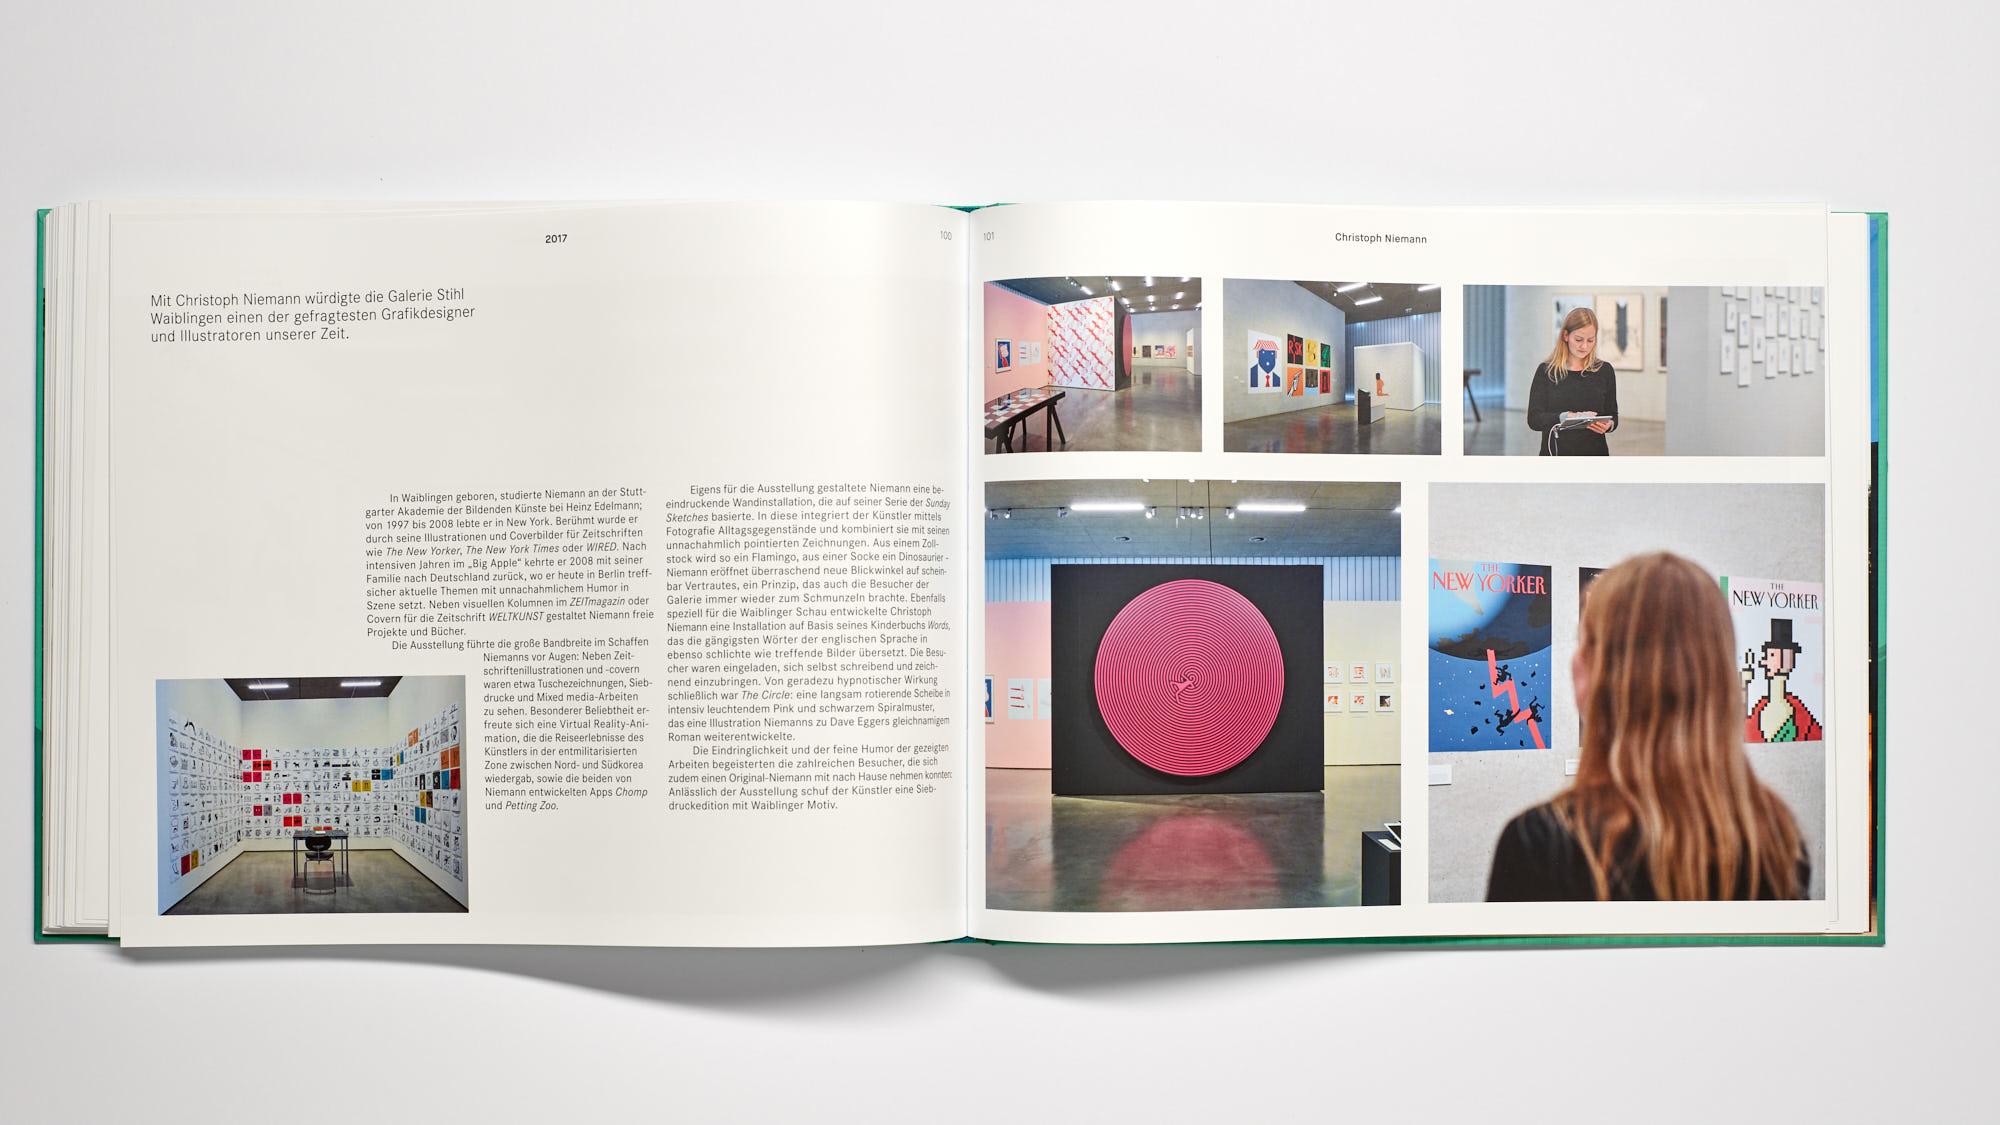 Stihl Galerie WN Niemann - 10 Jahre Galerie Stihl Waiblingen